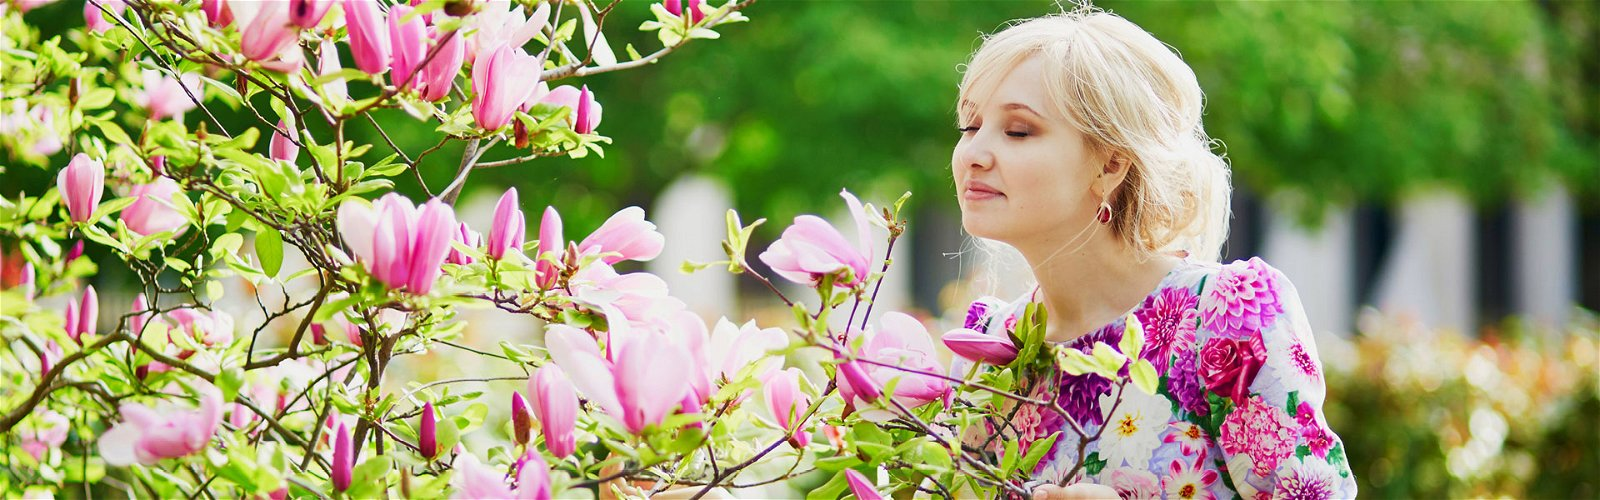 Kvinde dufter til magnoliatræ